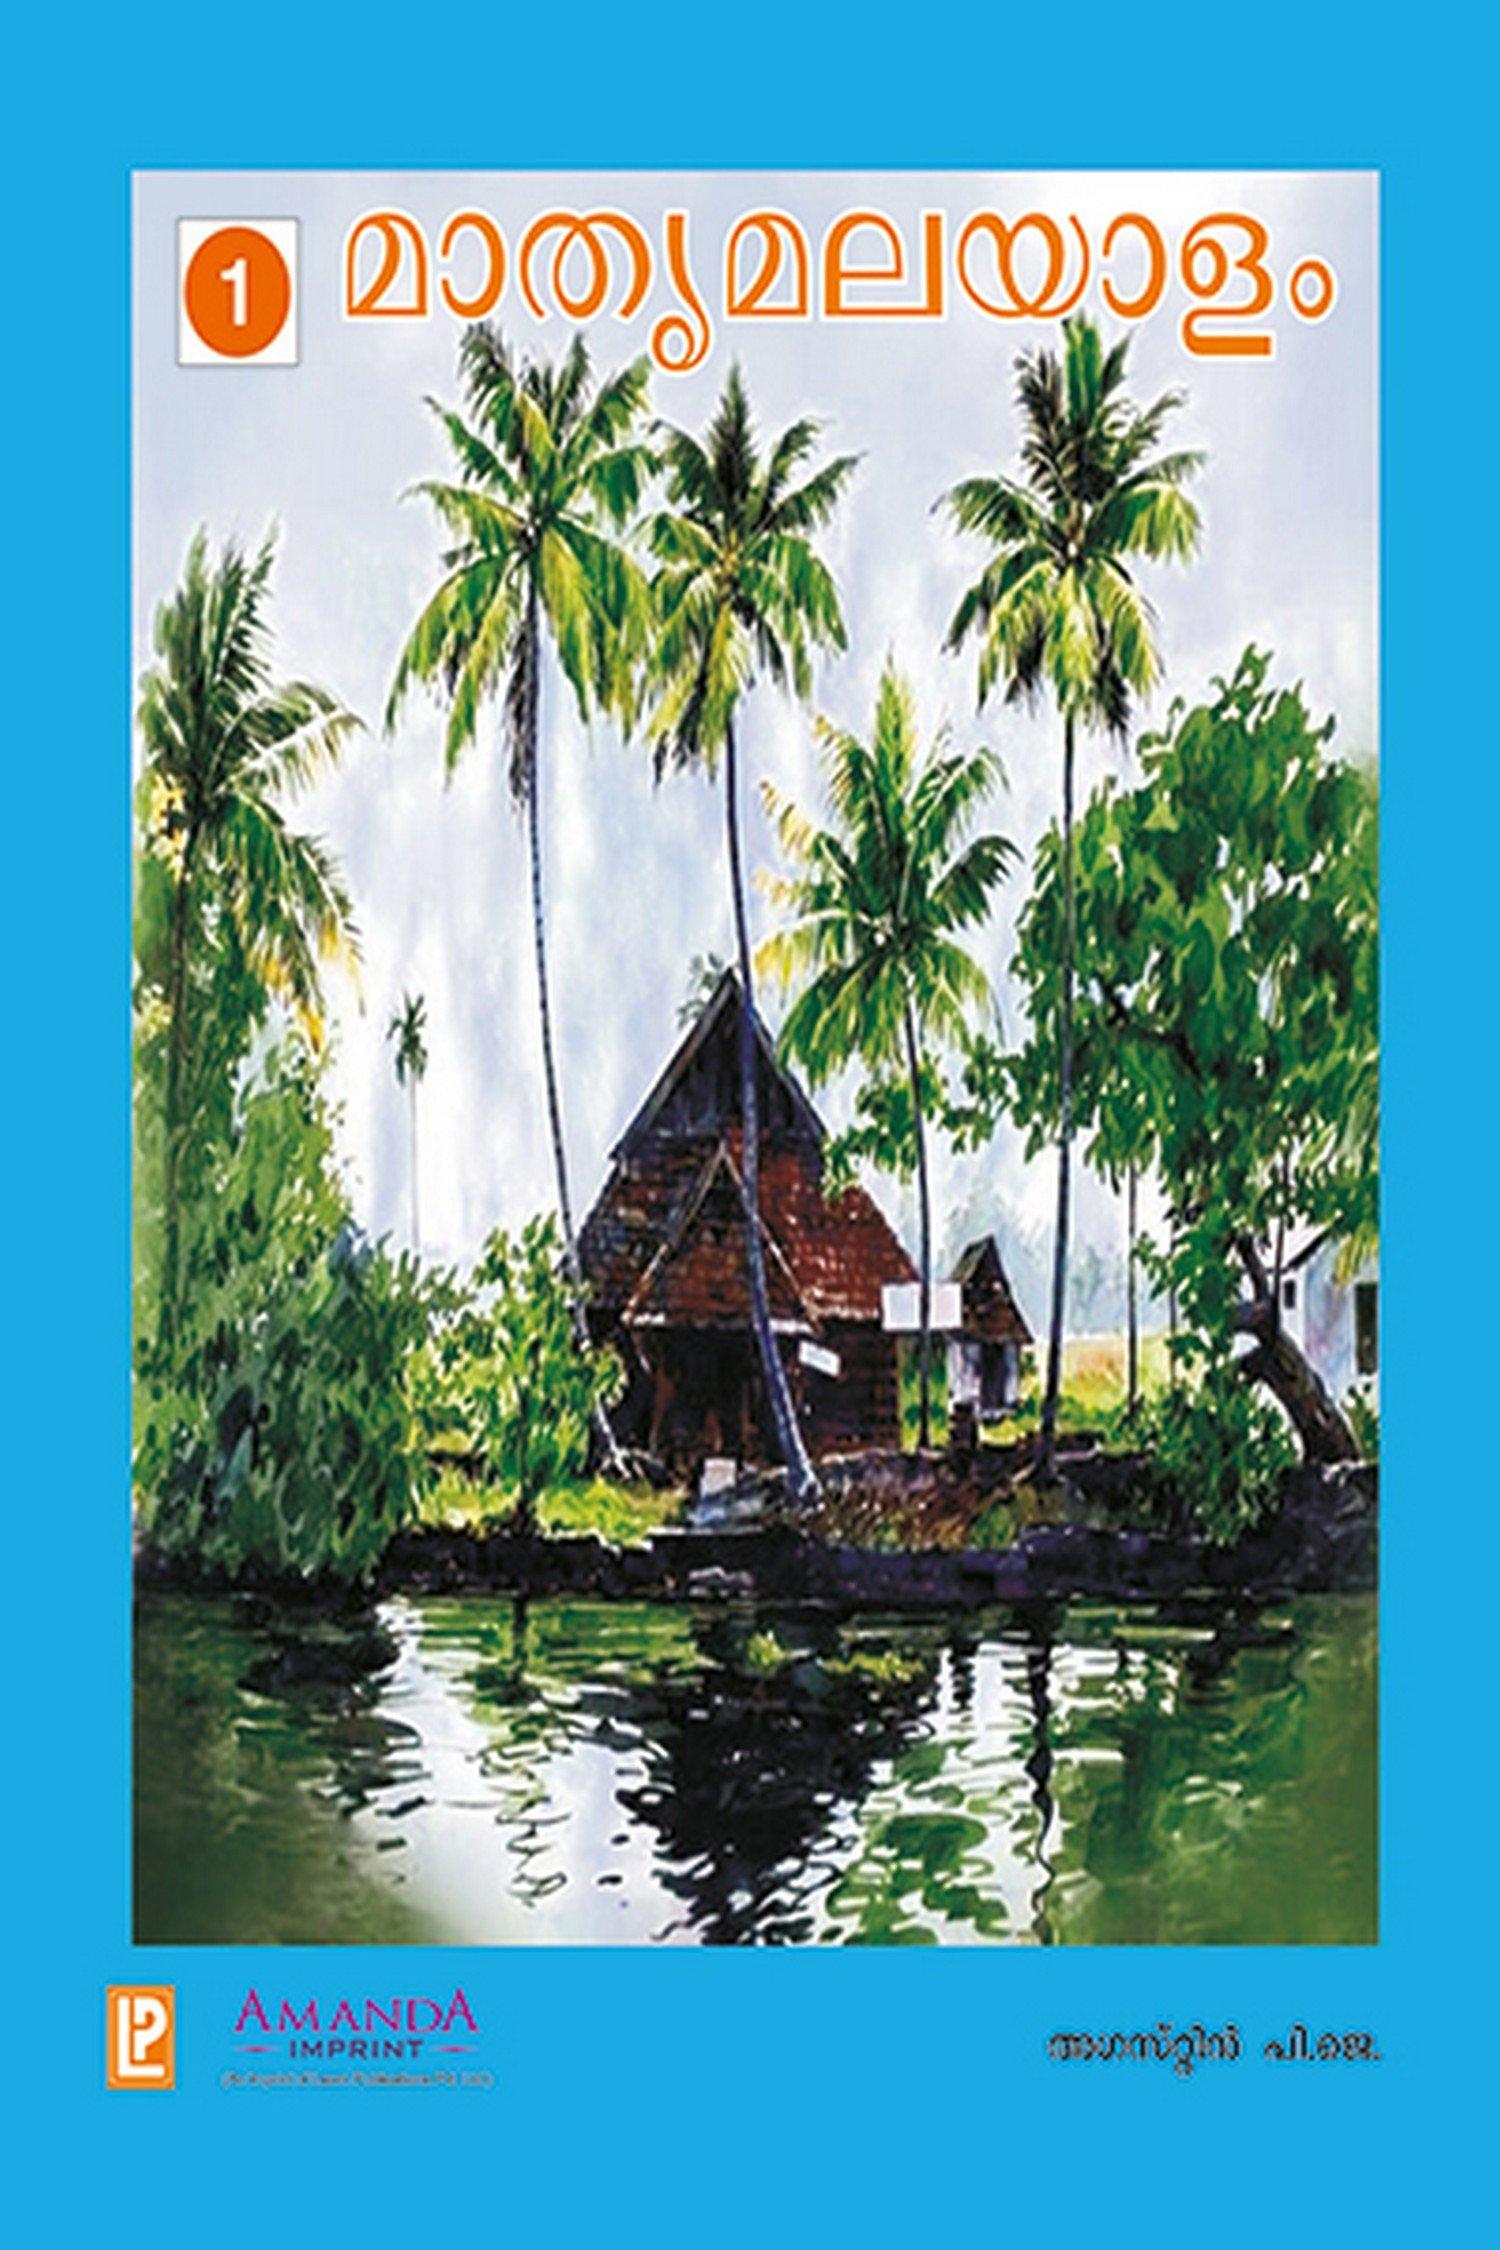 AMM1-4765-150-MATHRU MALAYALAM-1: Books Wagon: 9789385750434